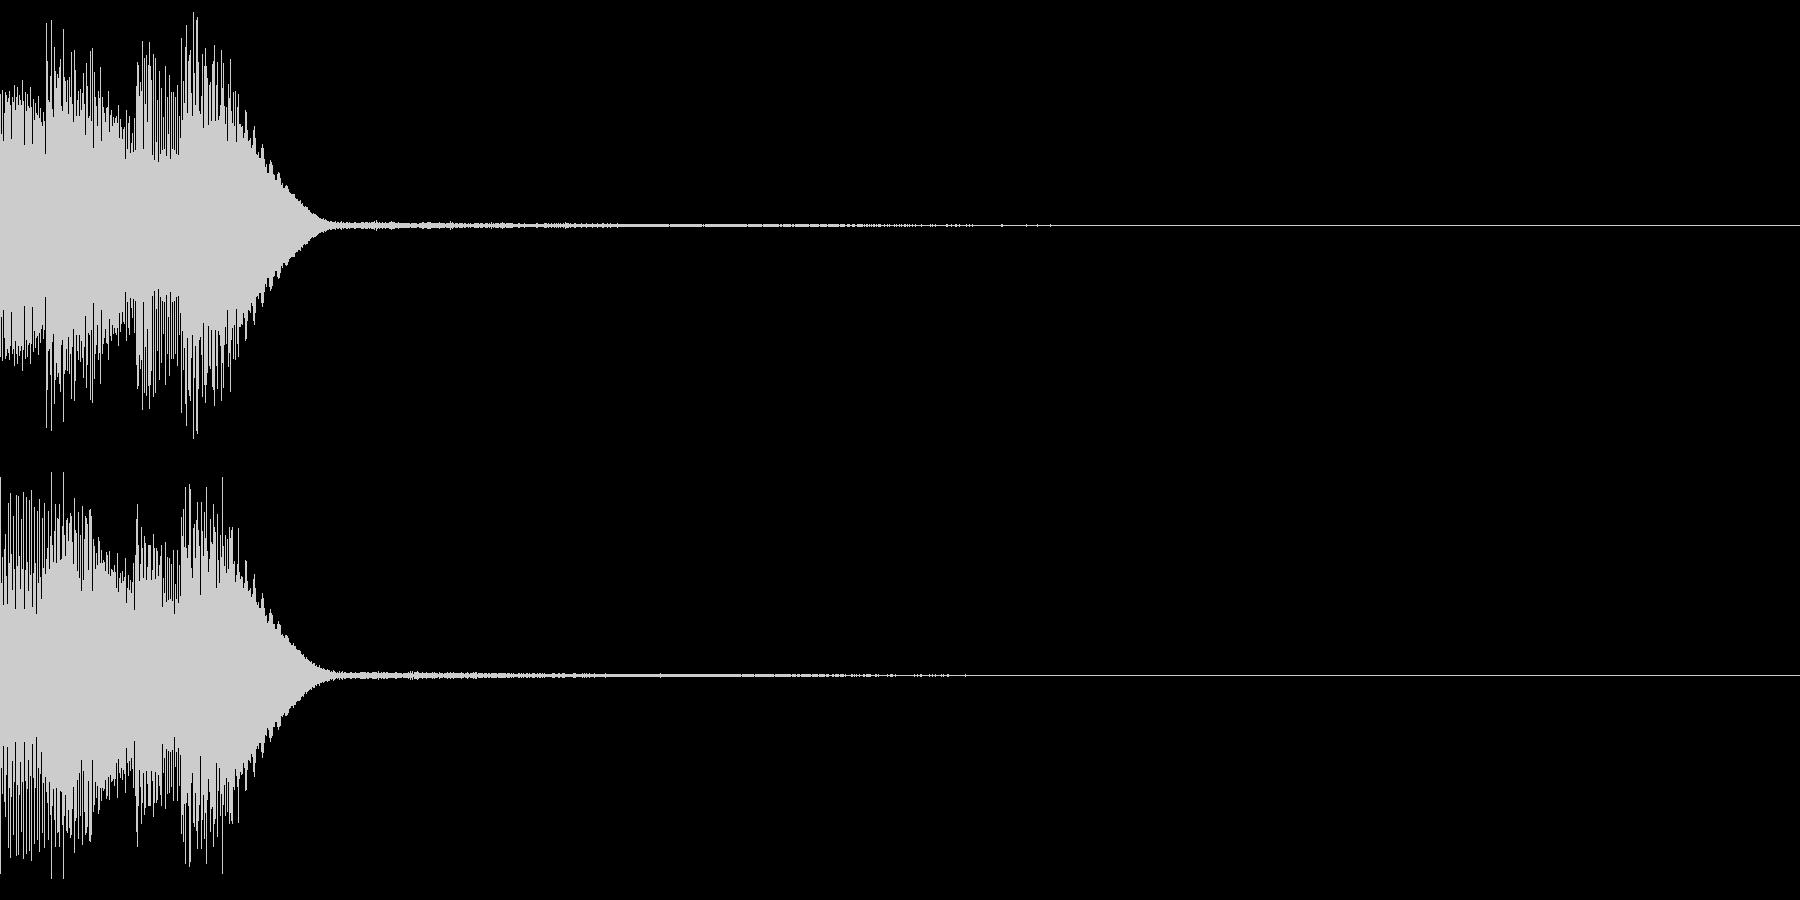 ボタン クリック コイン クレジット 6の未再生の波形